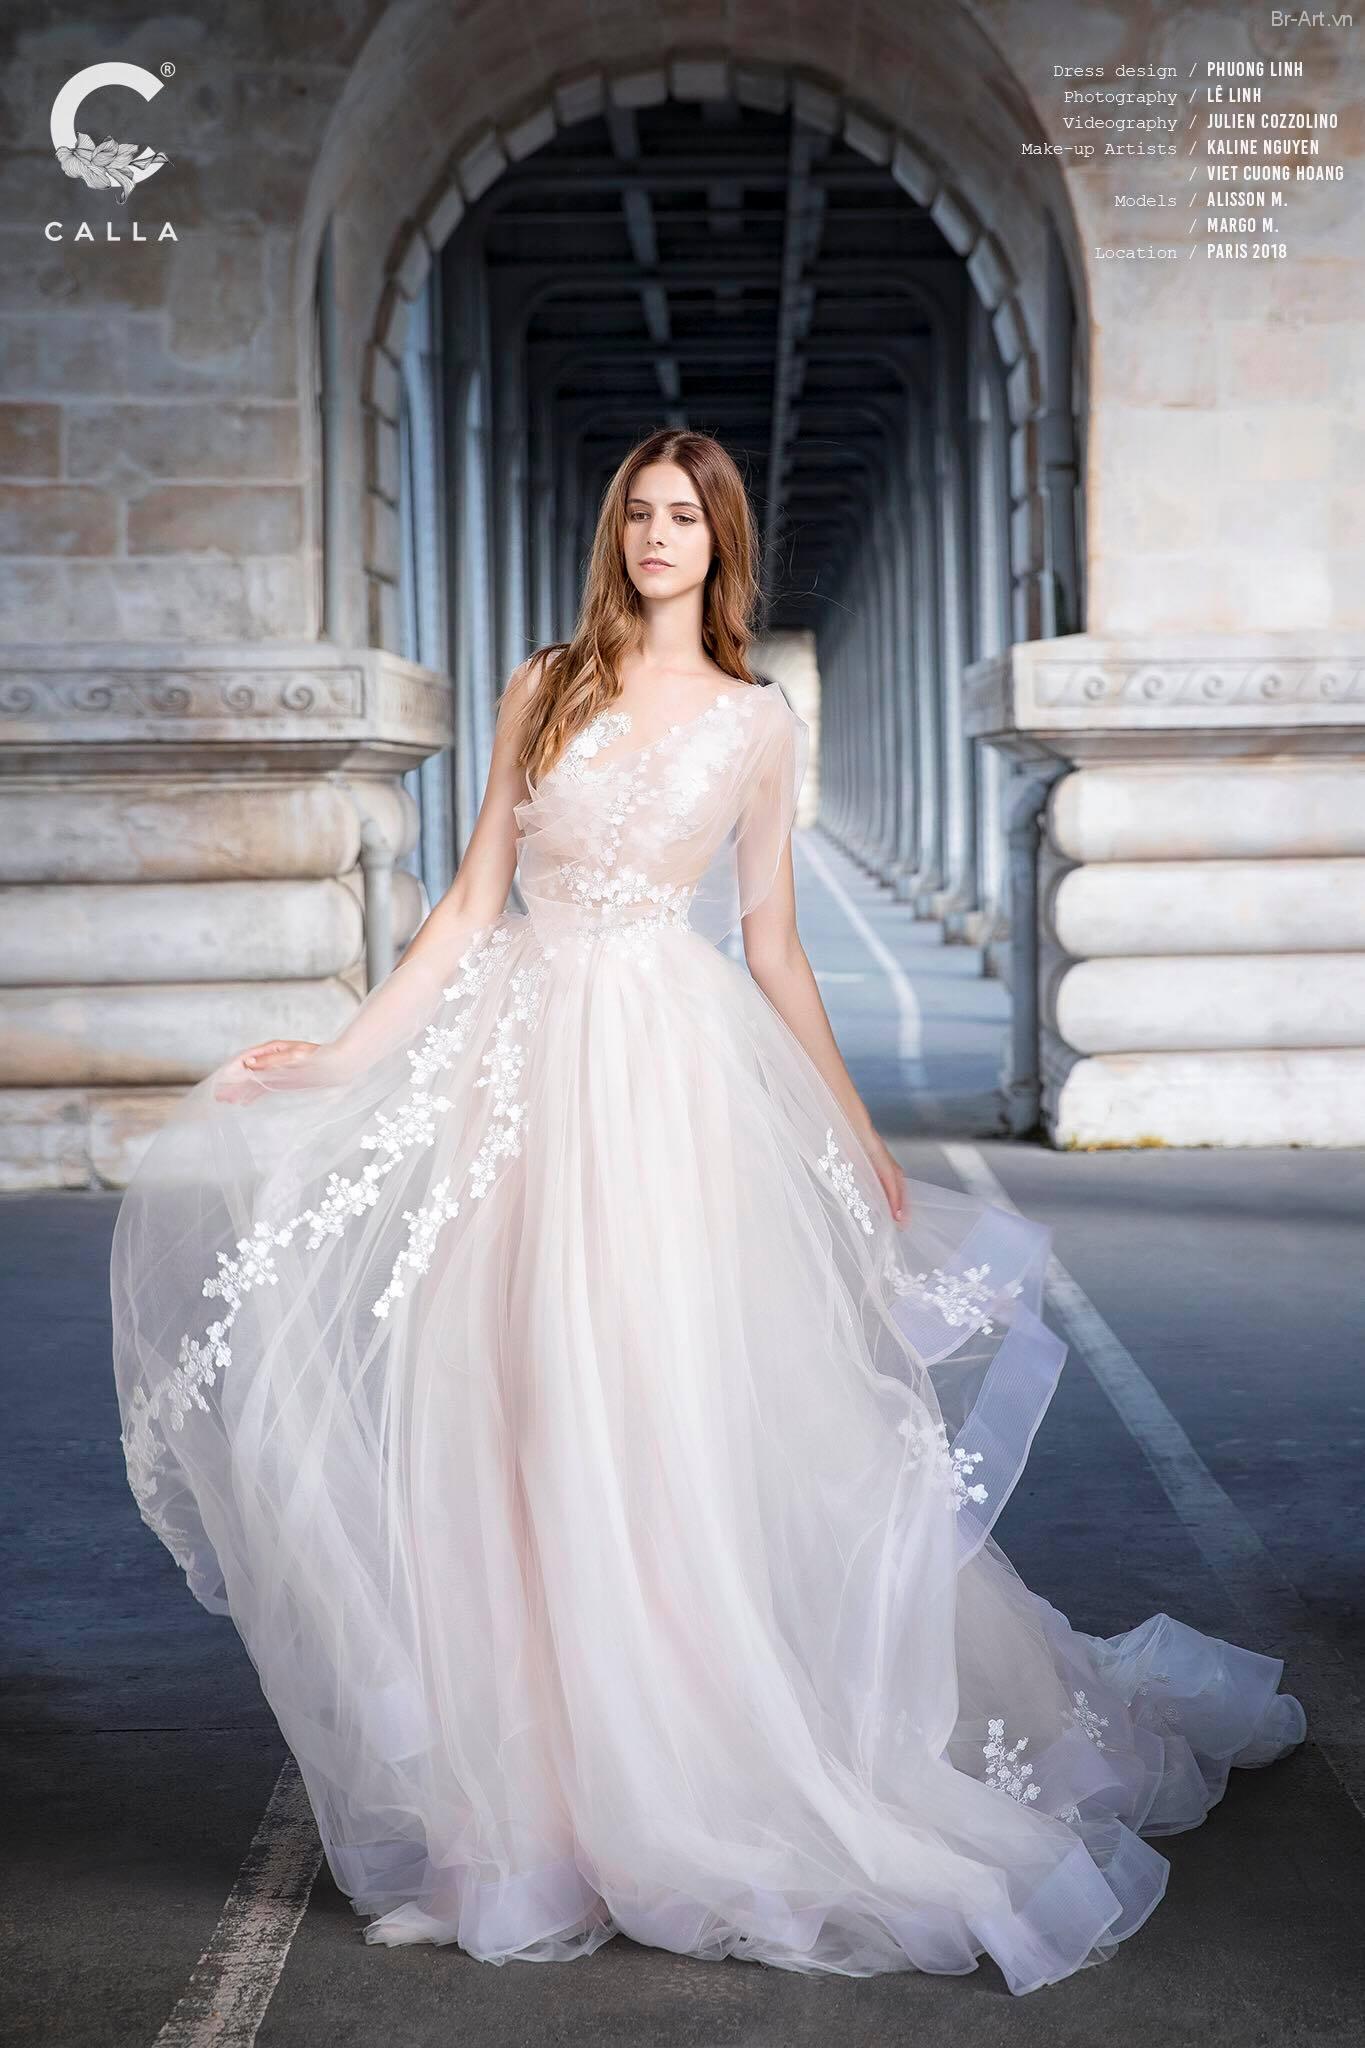 Thiếu nữ Pháp đẹp rạng ngời trong mẫu áo cưới - Hình 5